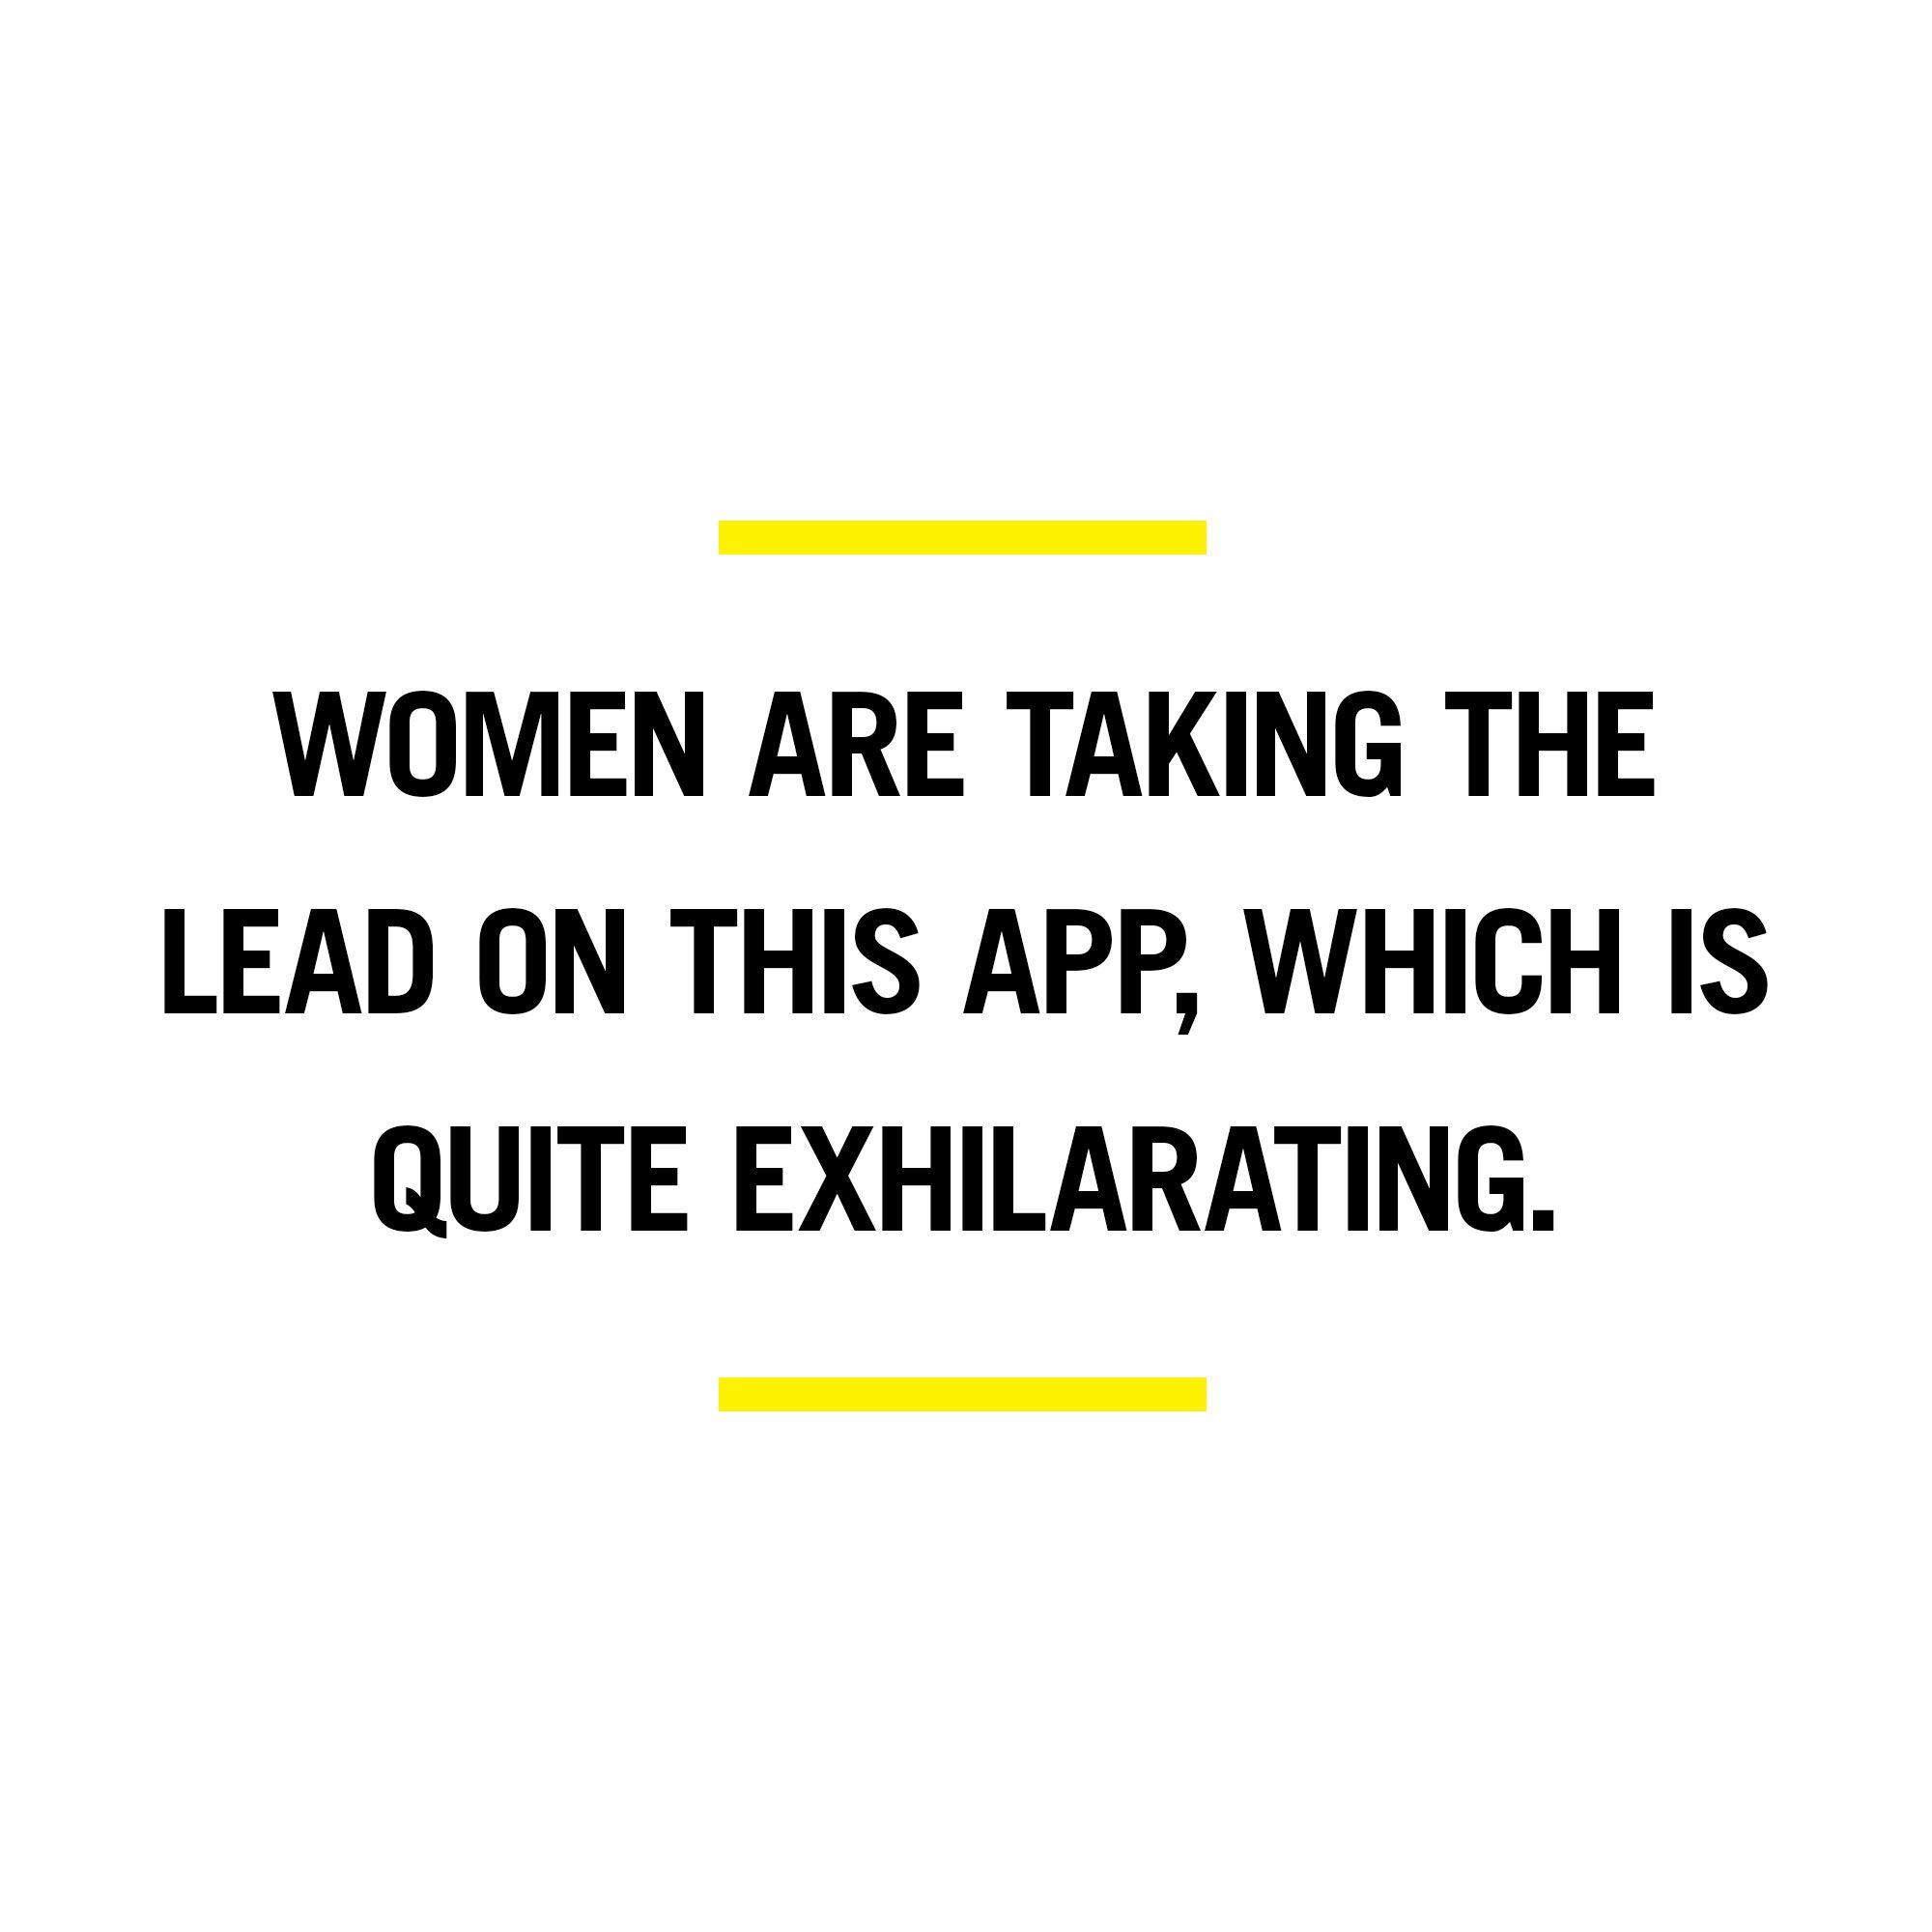 Spritzer dating app Boyne tannum aansluiting 2016